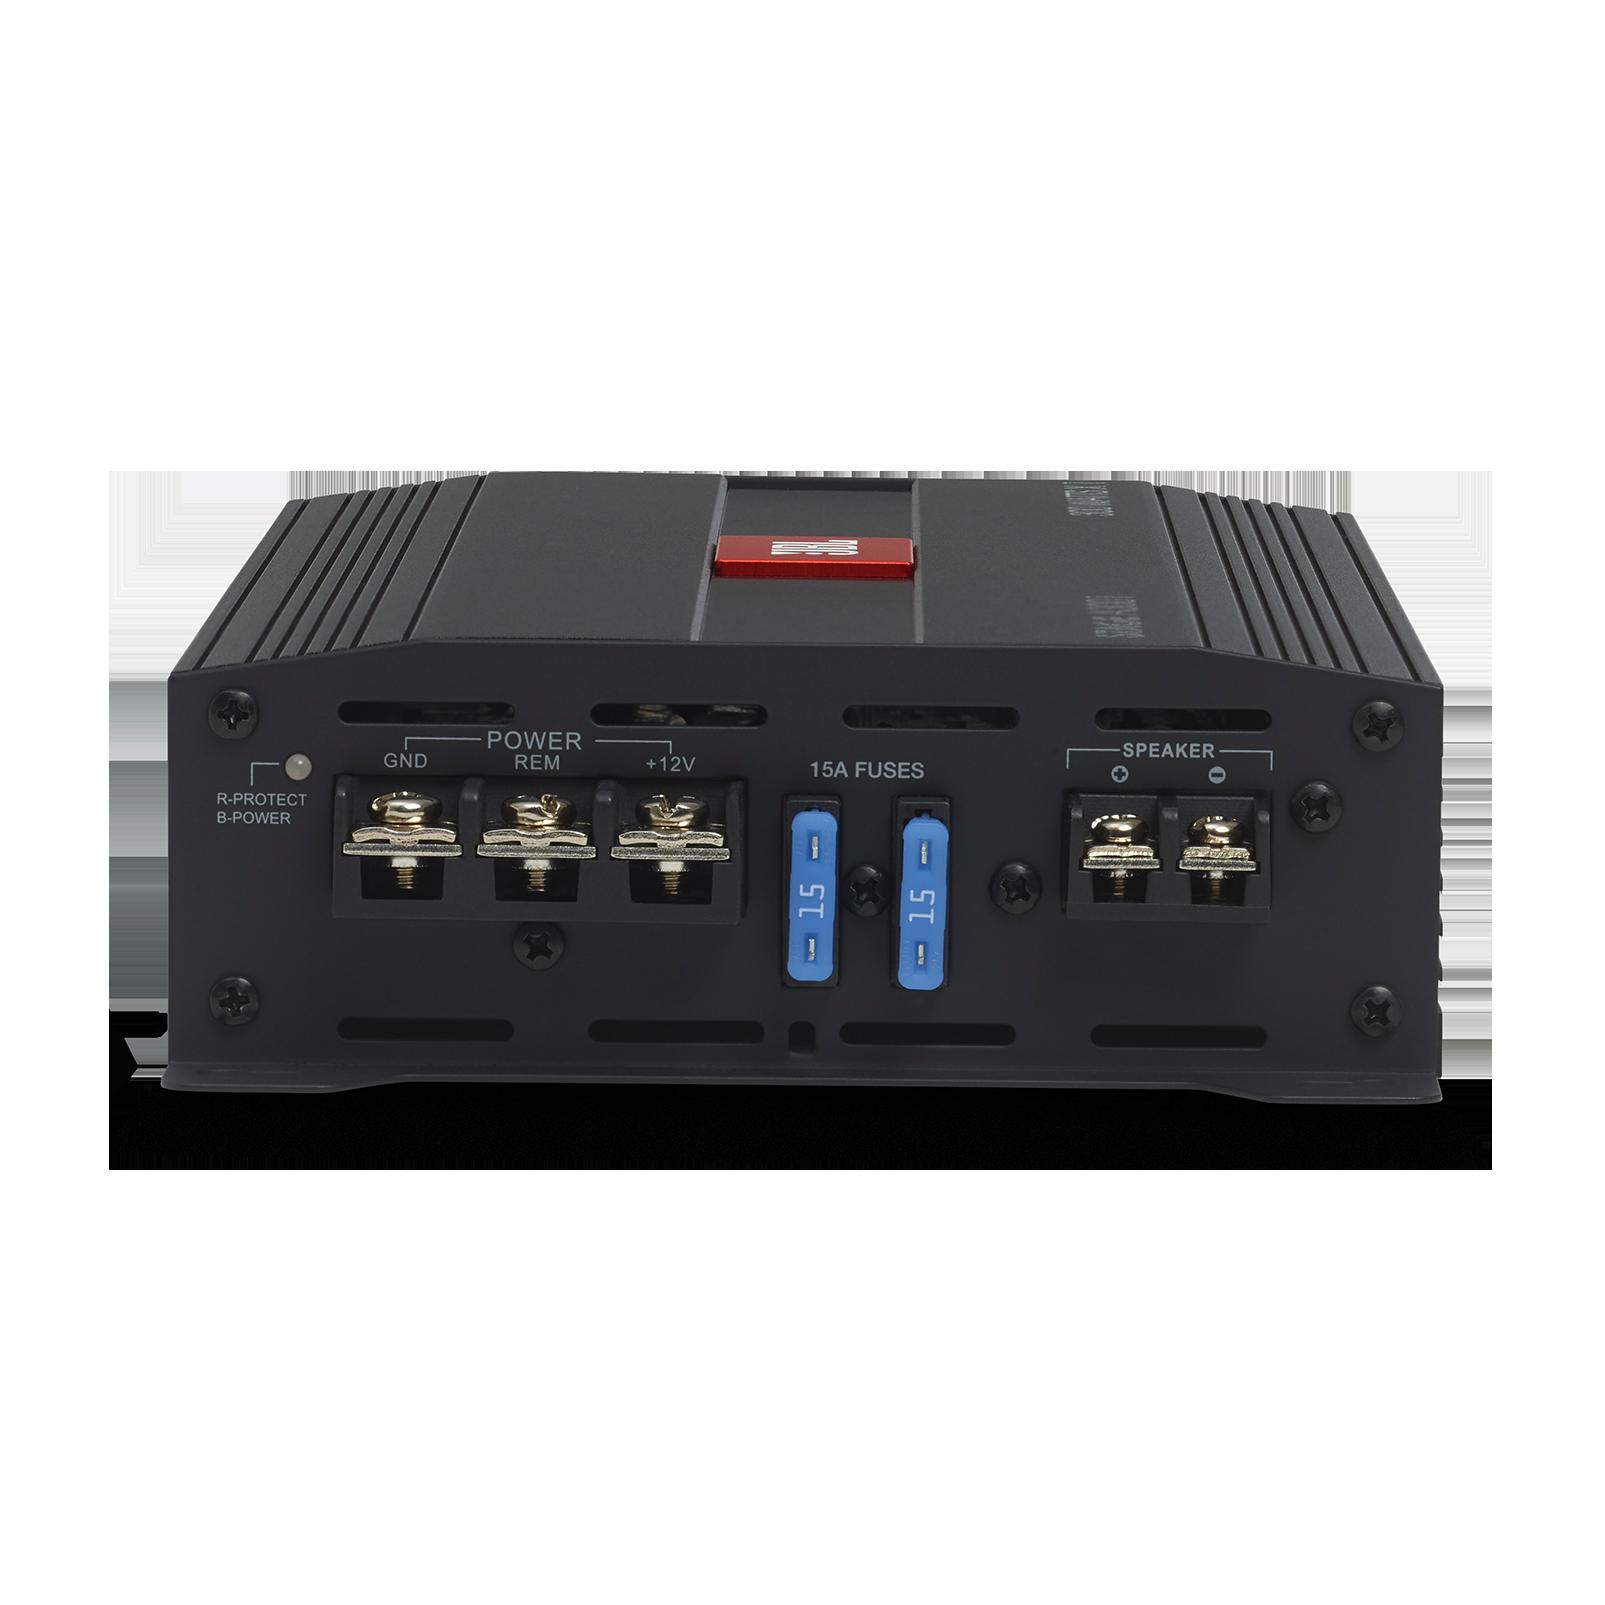 JBL Stage Amplifier A3001 - Black - Class D Car Audio Amplifier - Detailshot 1